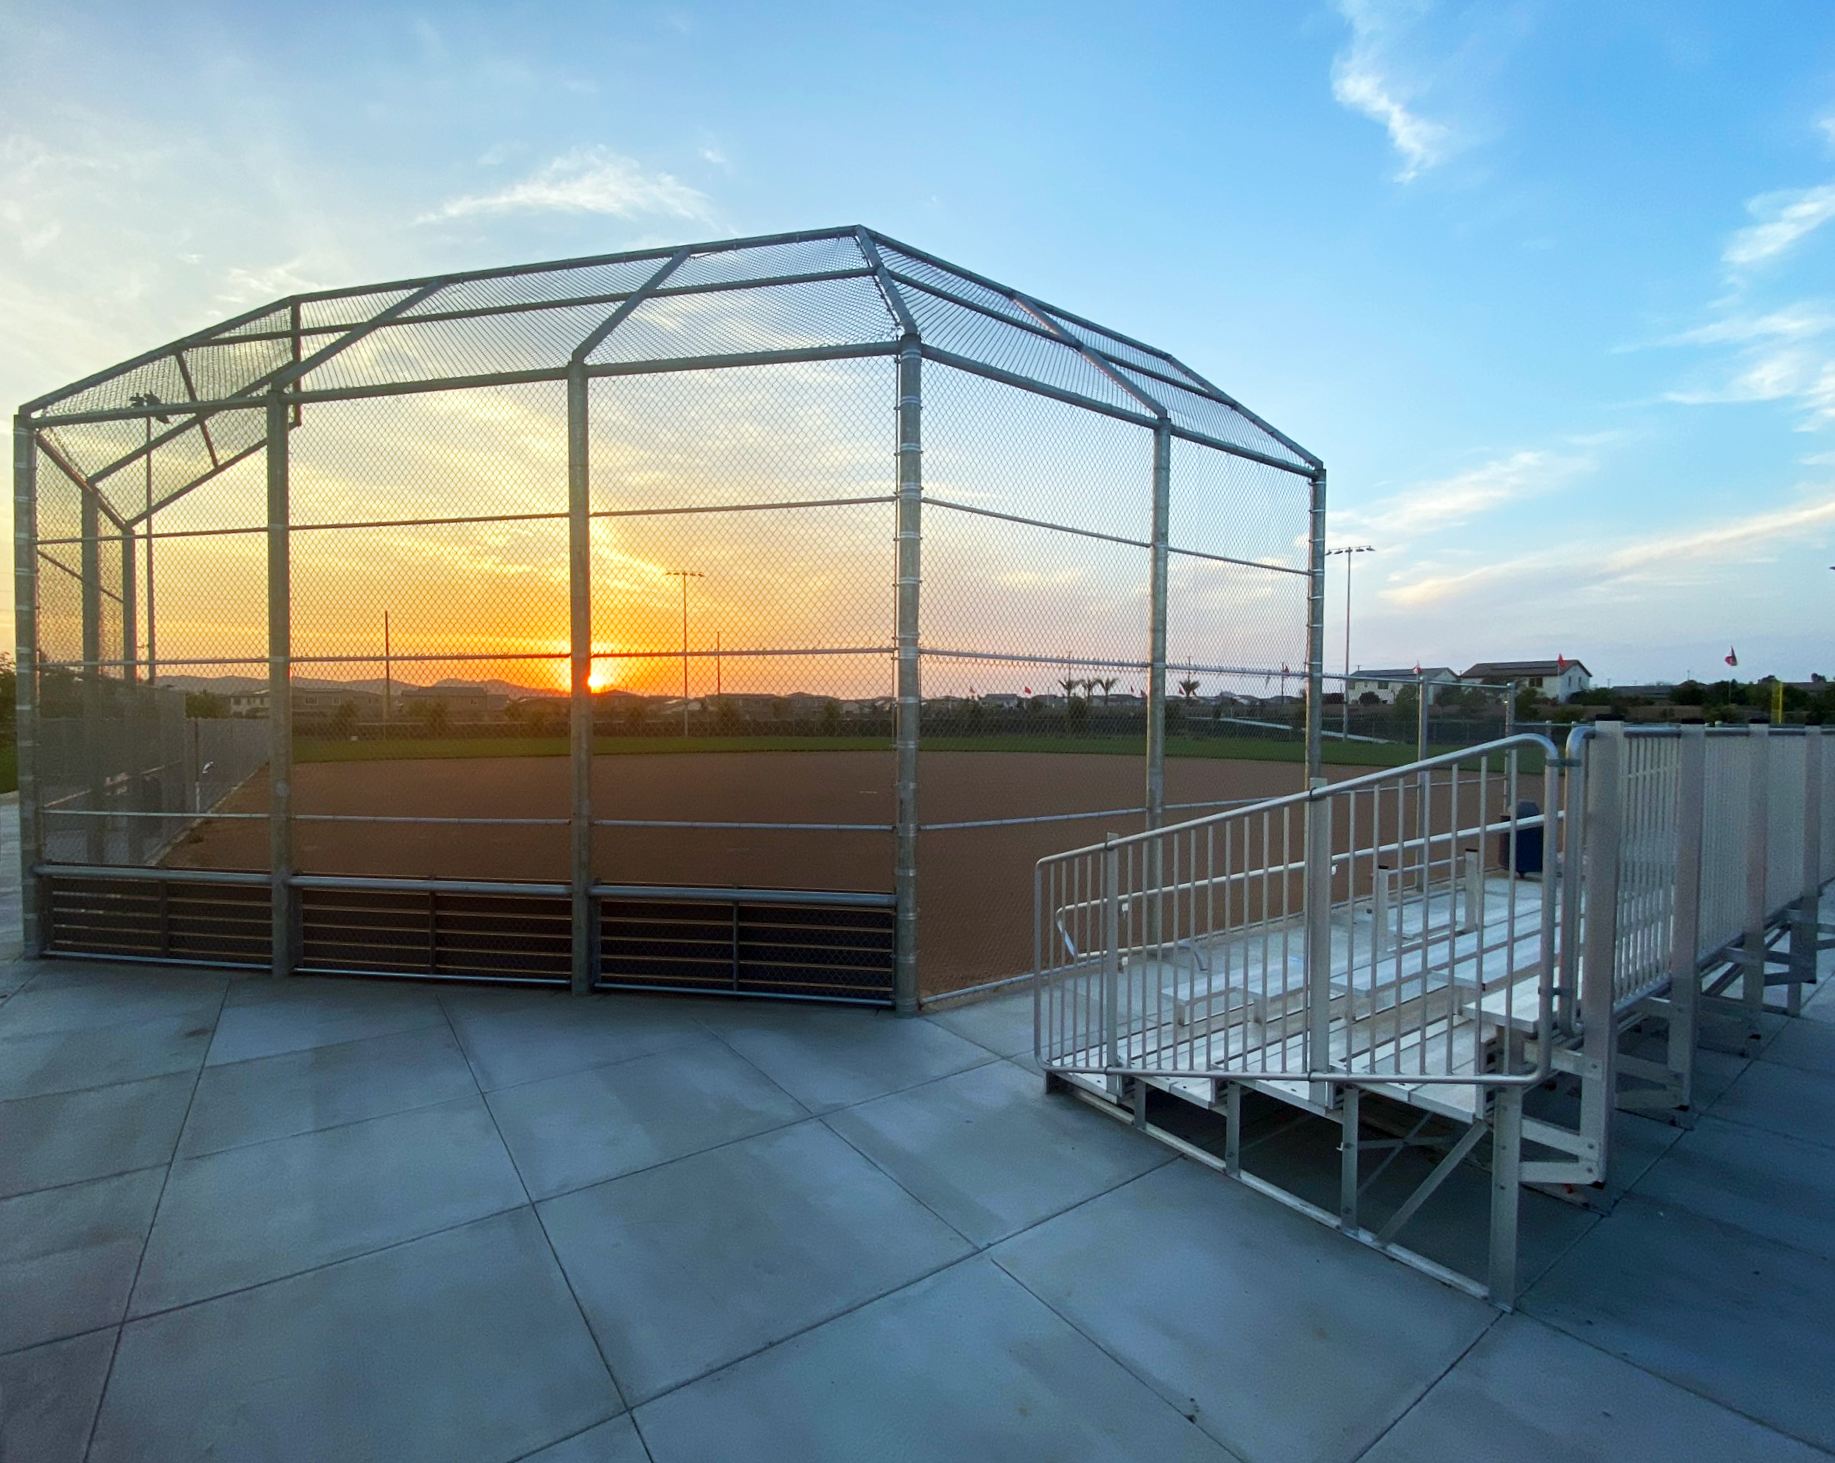 Heritage Ranch ball field, bleachers, sunset